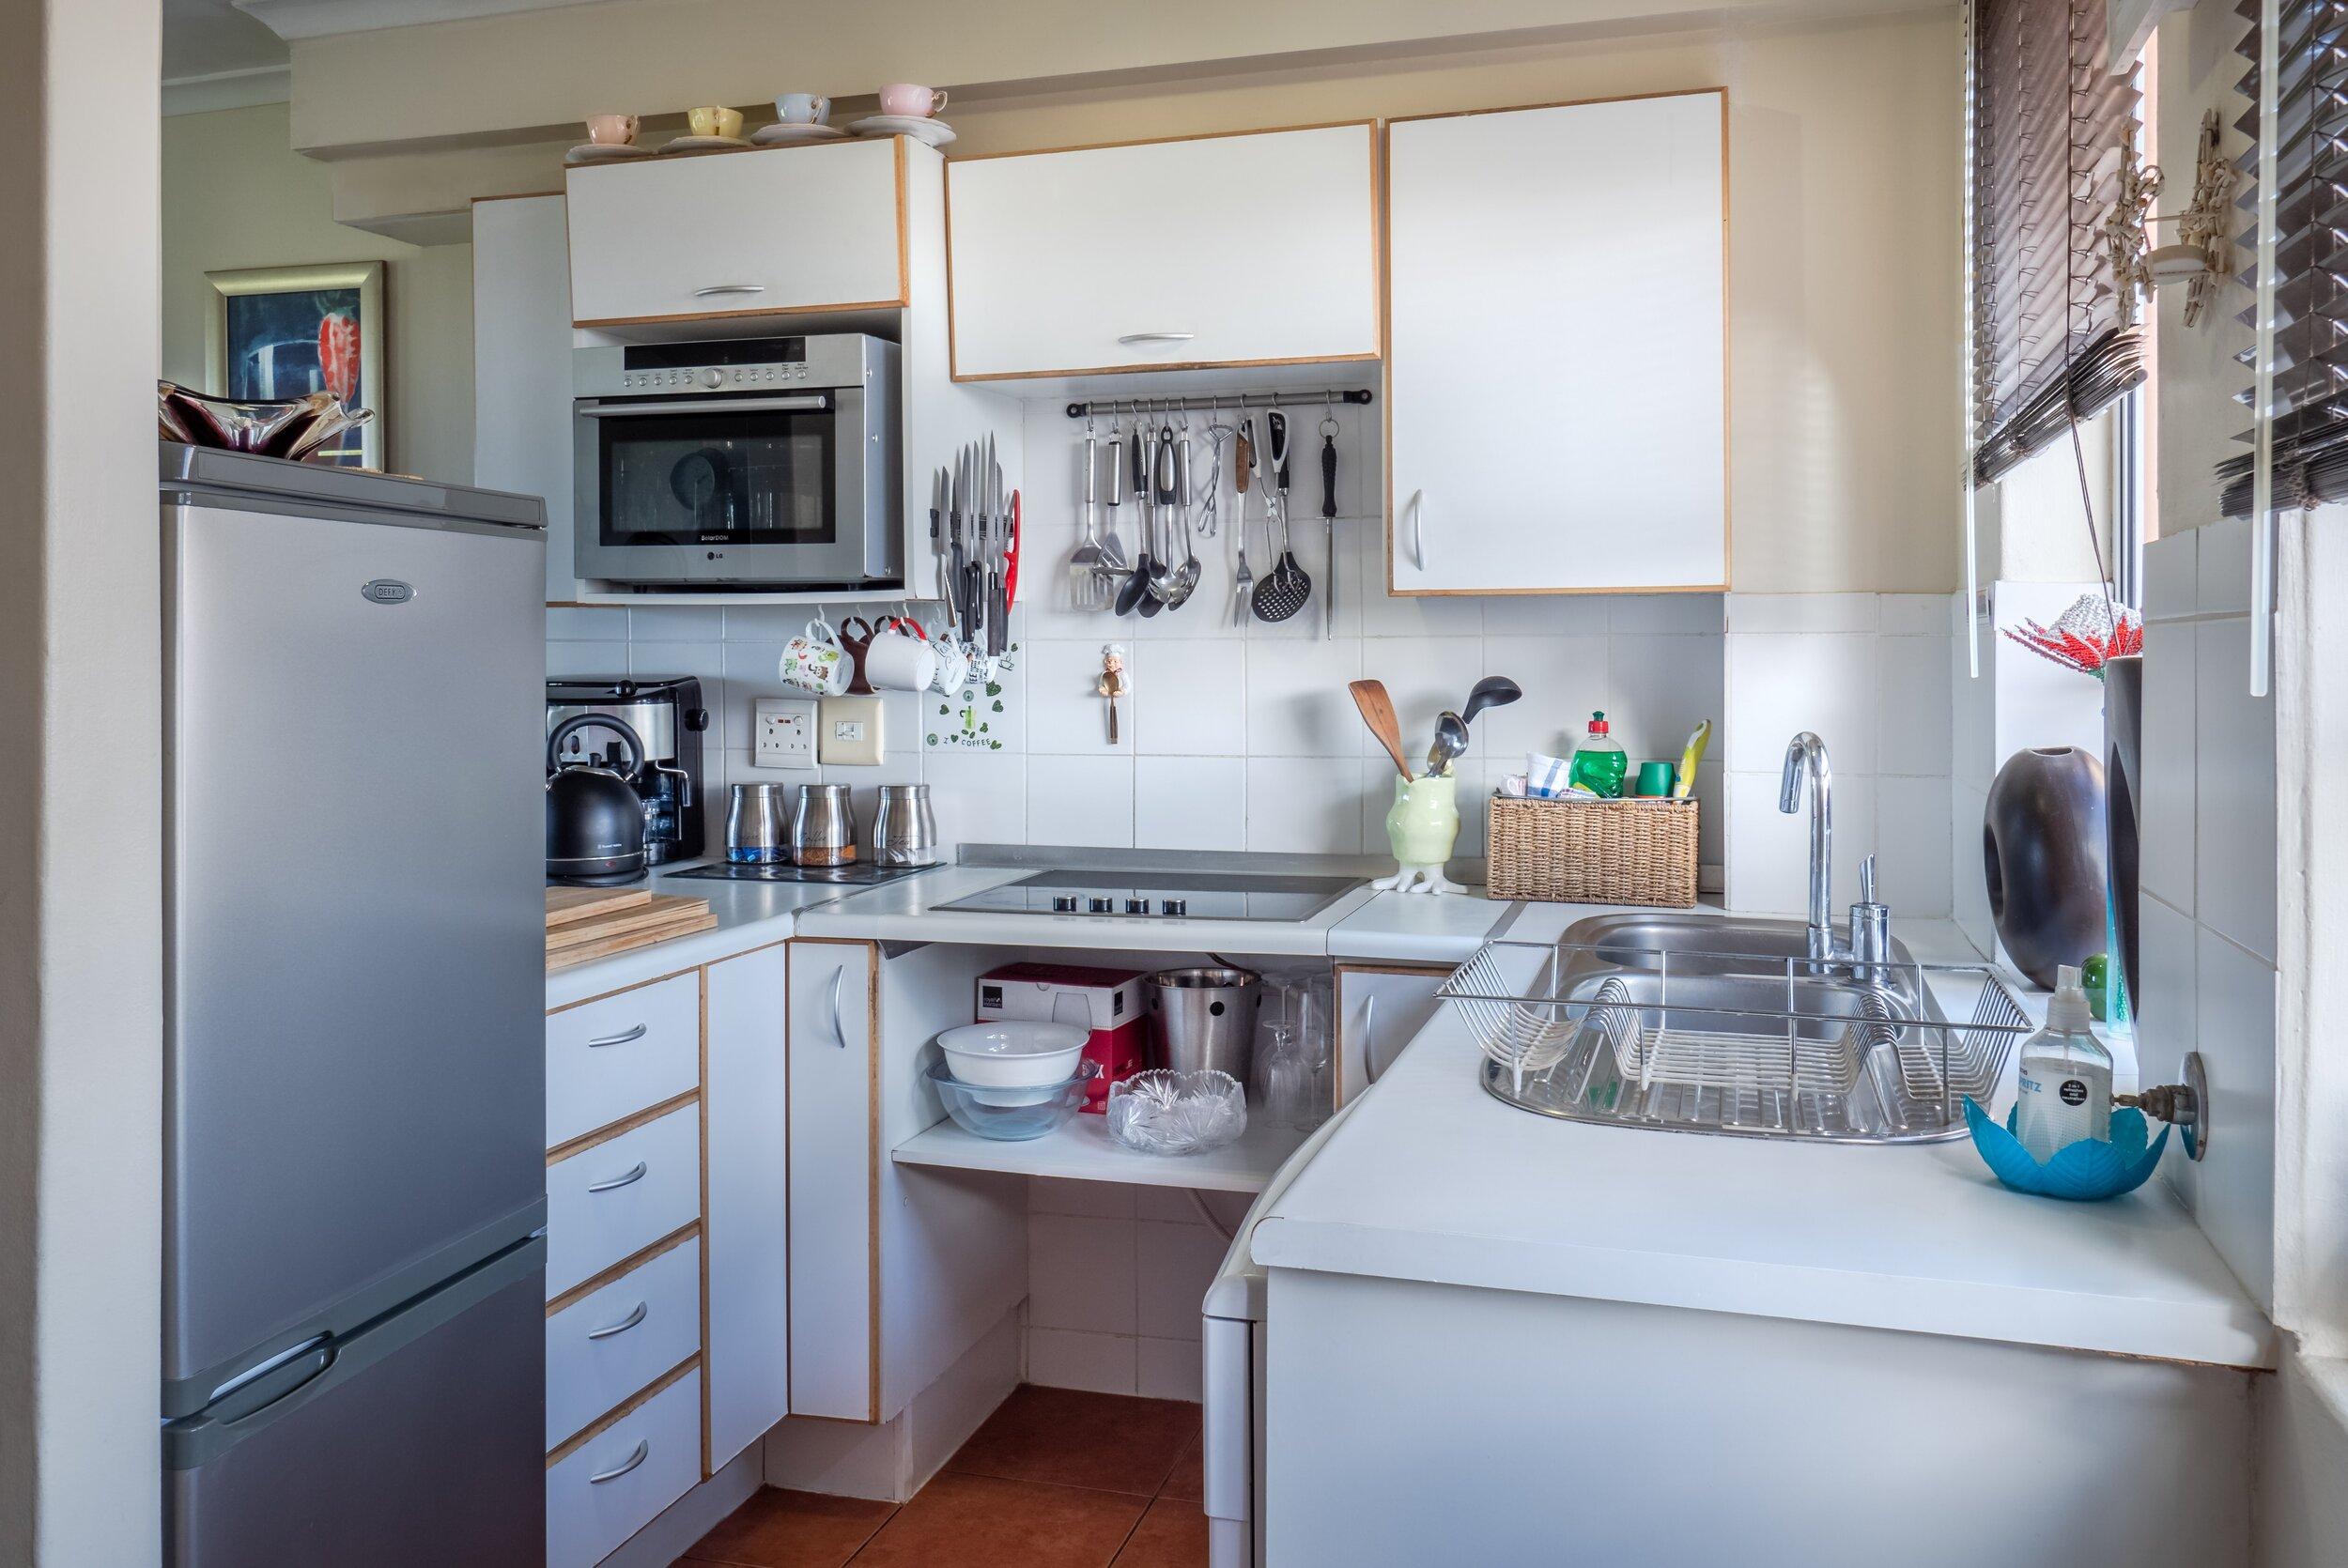 appliances-contemporary-counter-1599791.jpg